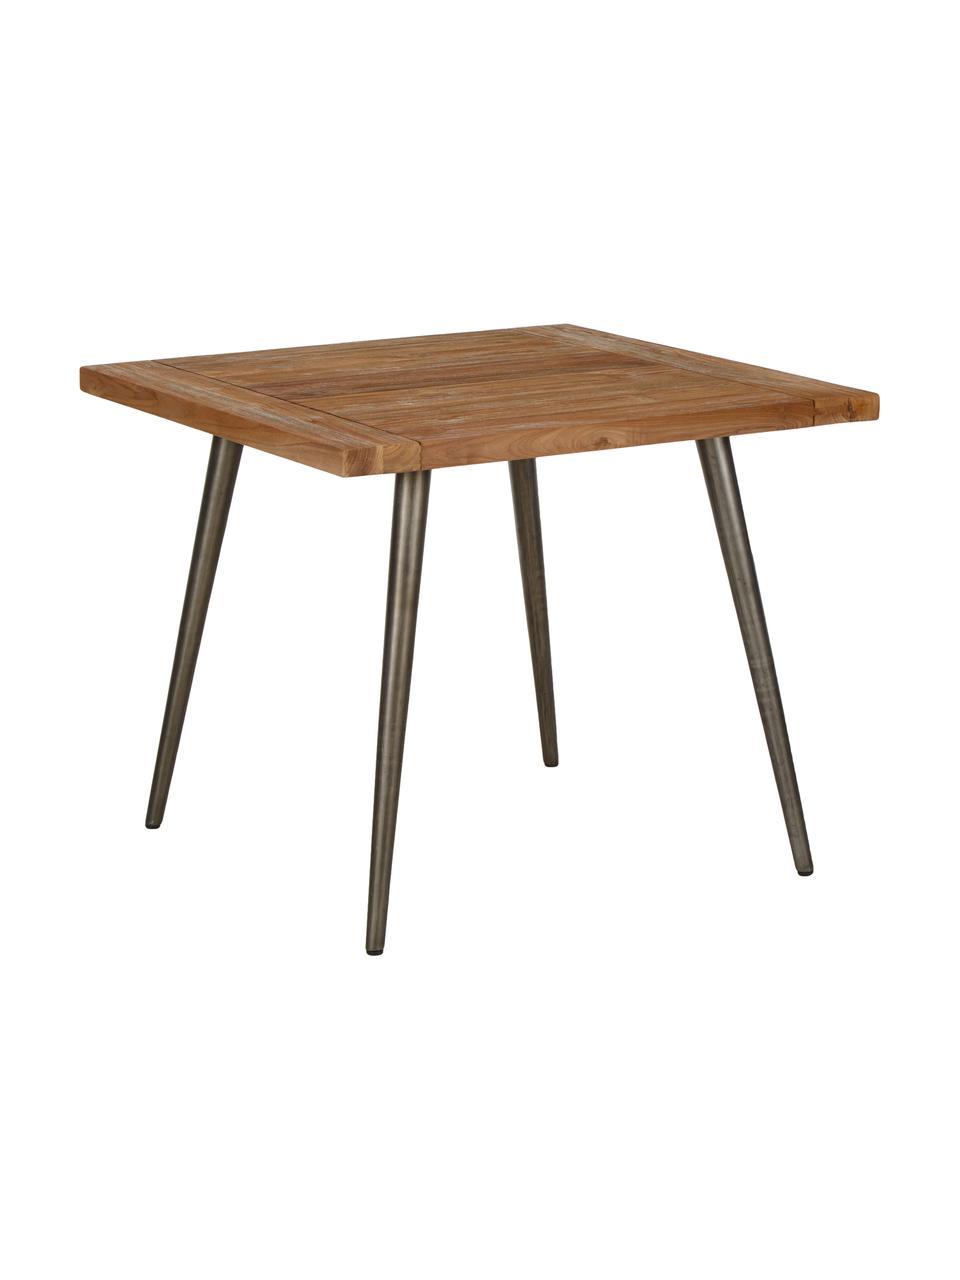 Table avec plateau en bois Kapal, Bois de teck, noir